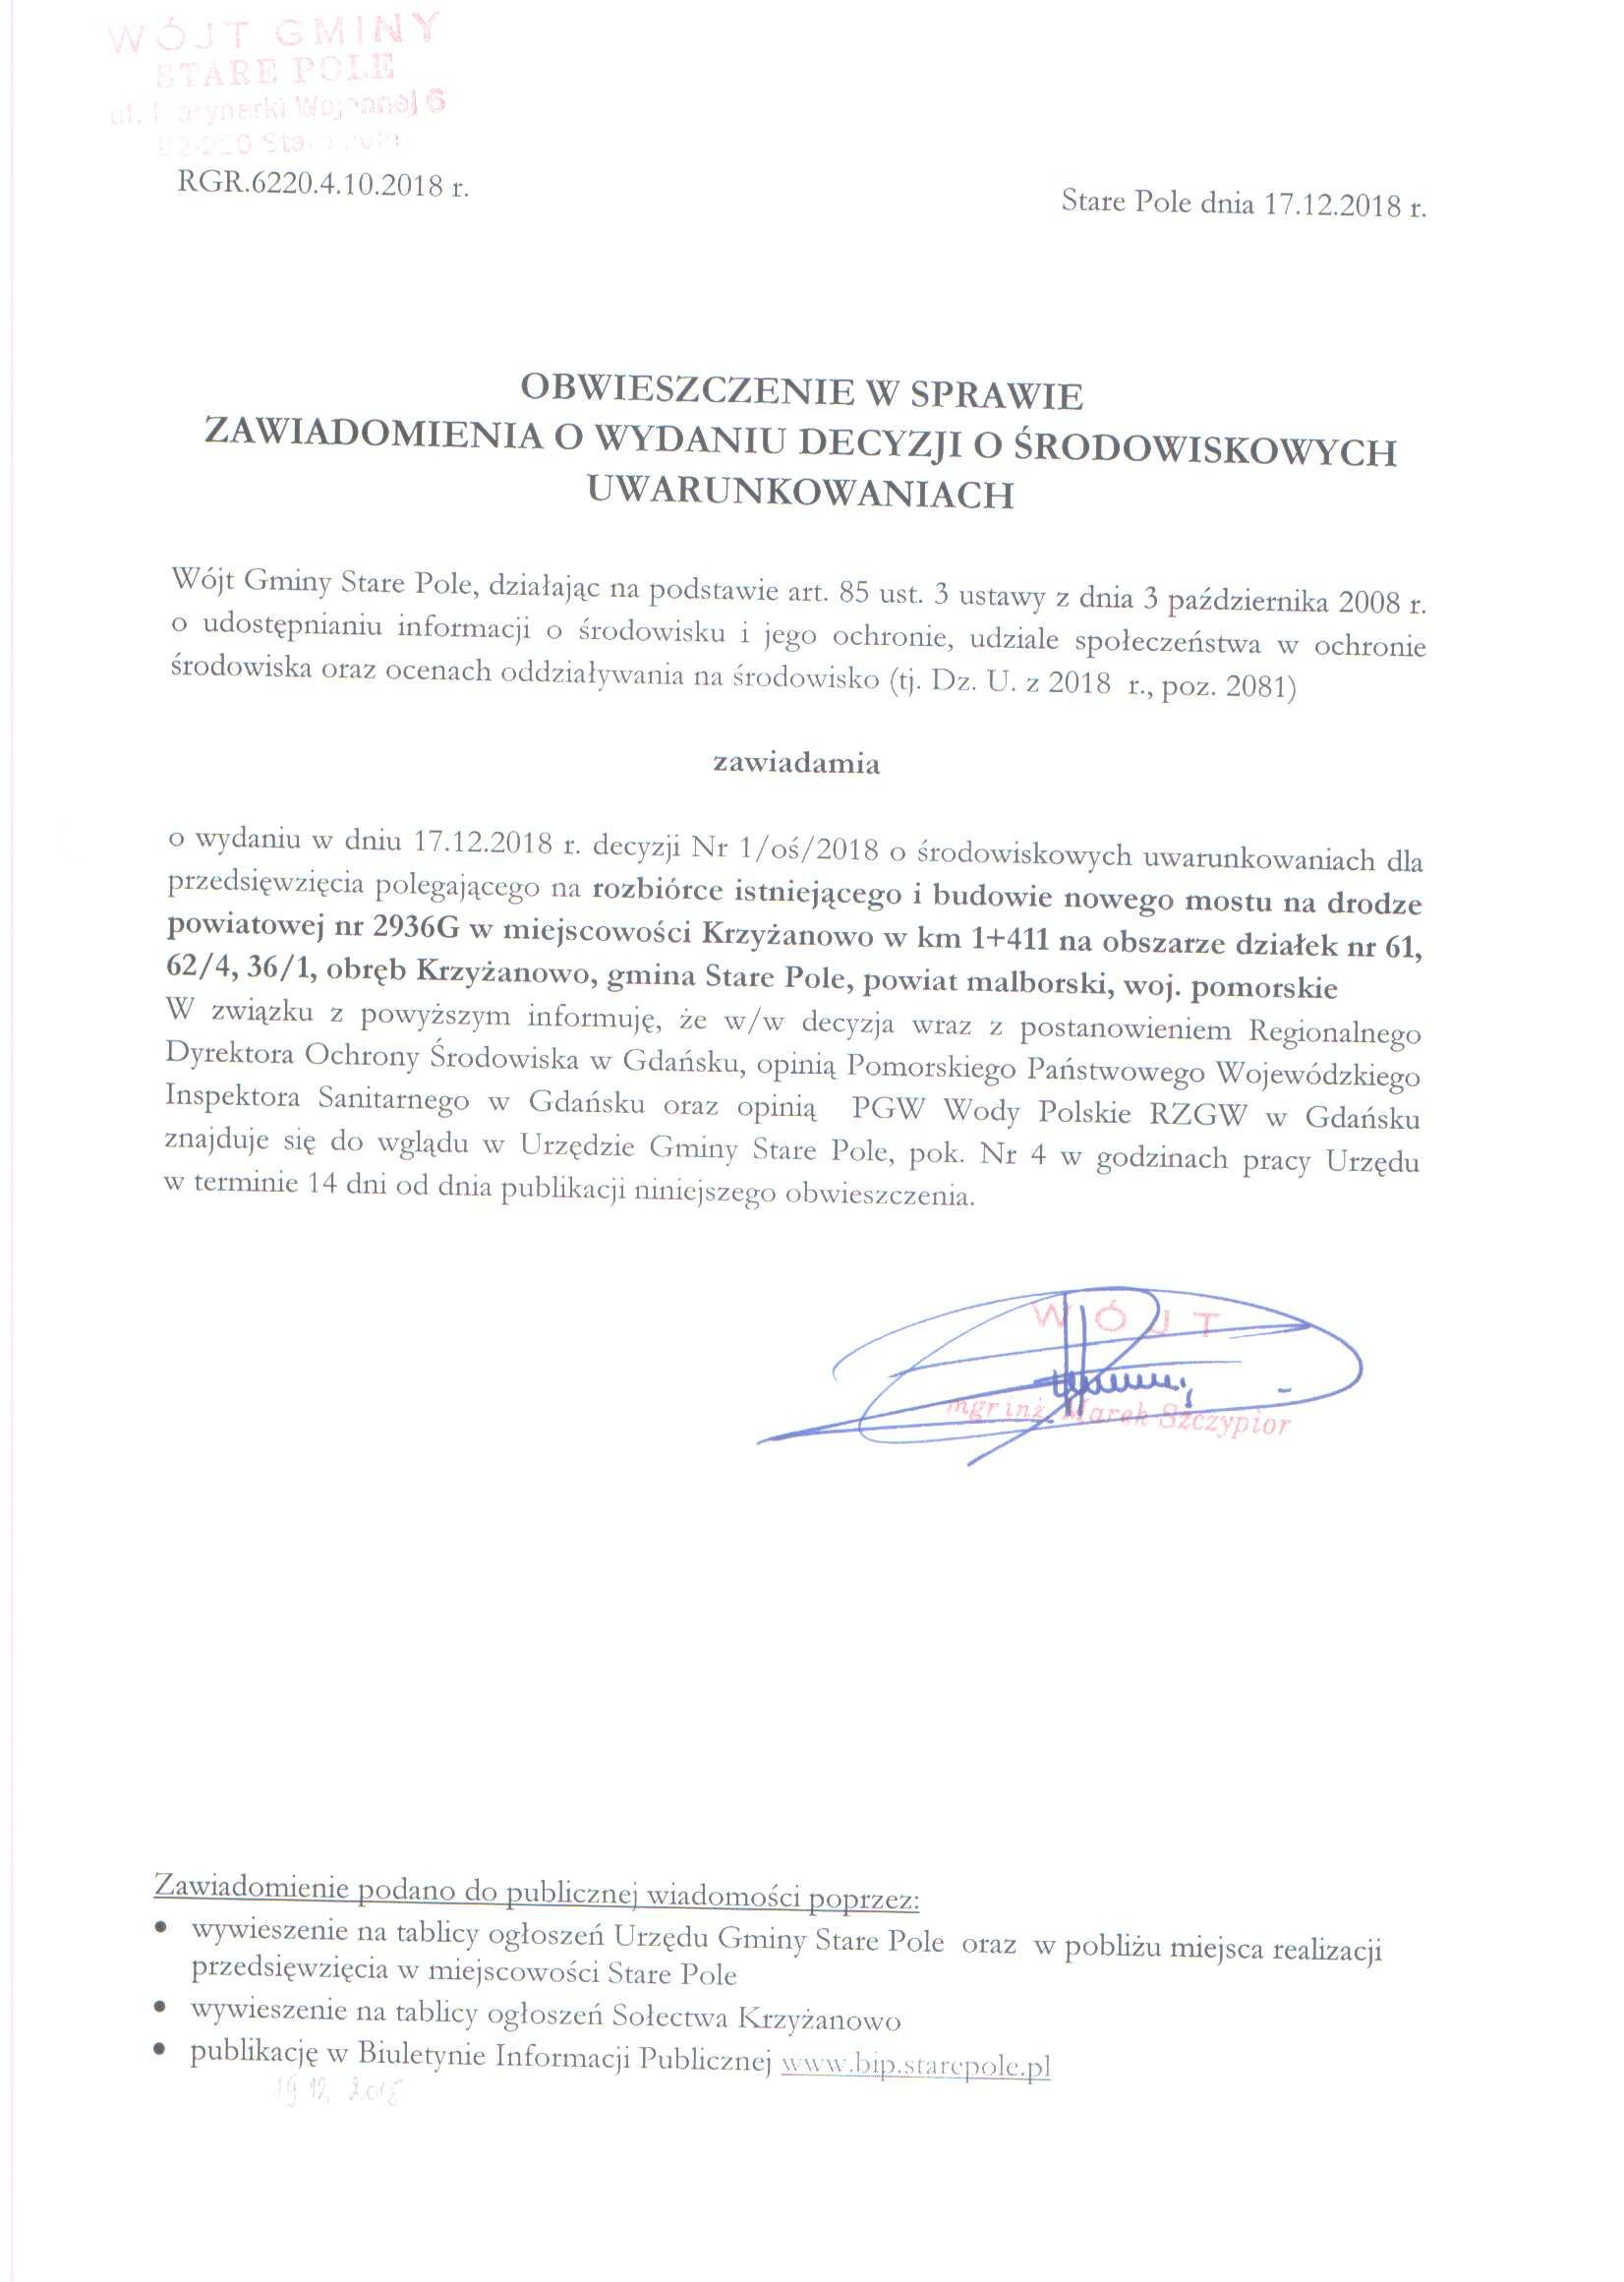 Obwieszczenie Wójta Gminy Stare Pole z dnia 17 grudnia 2018 r. - I